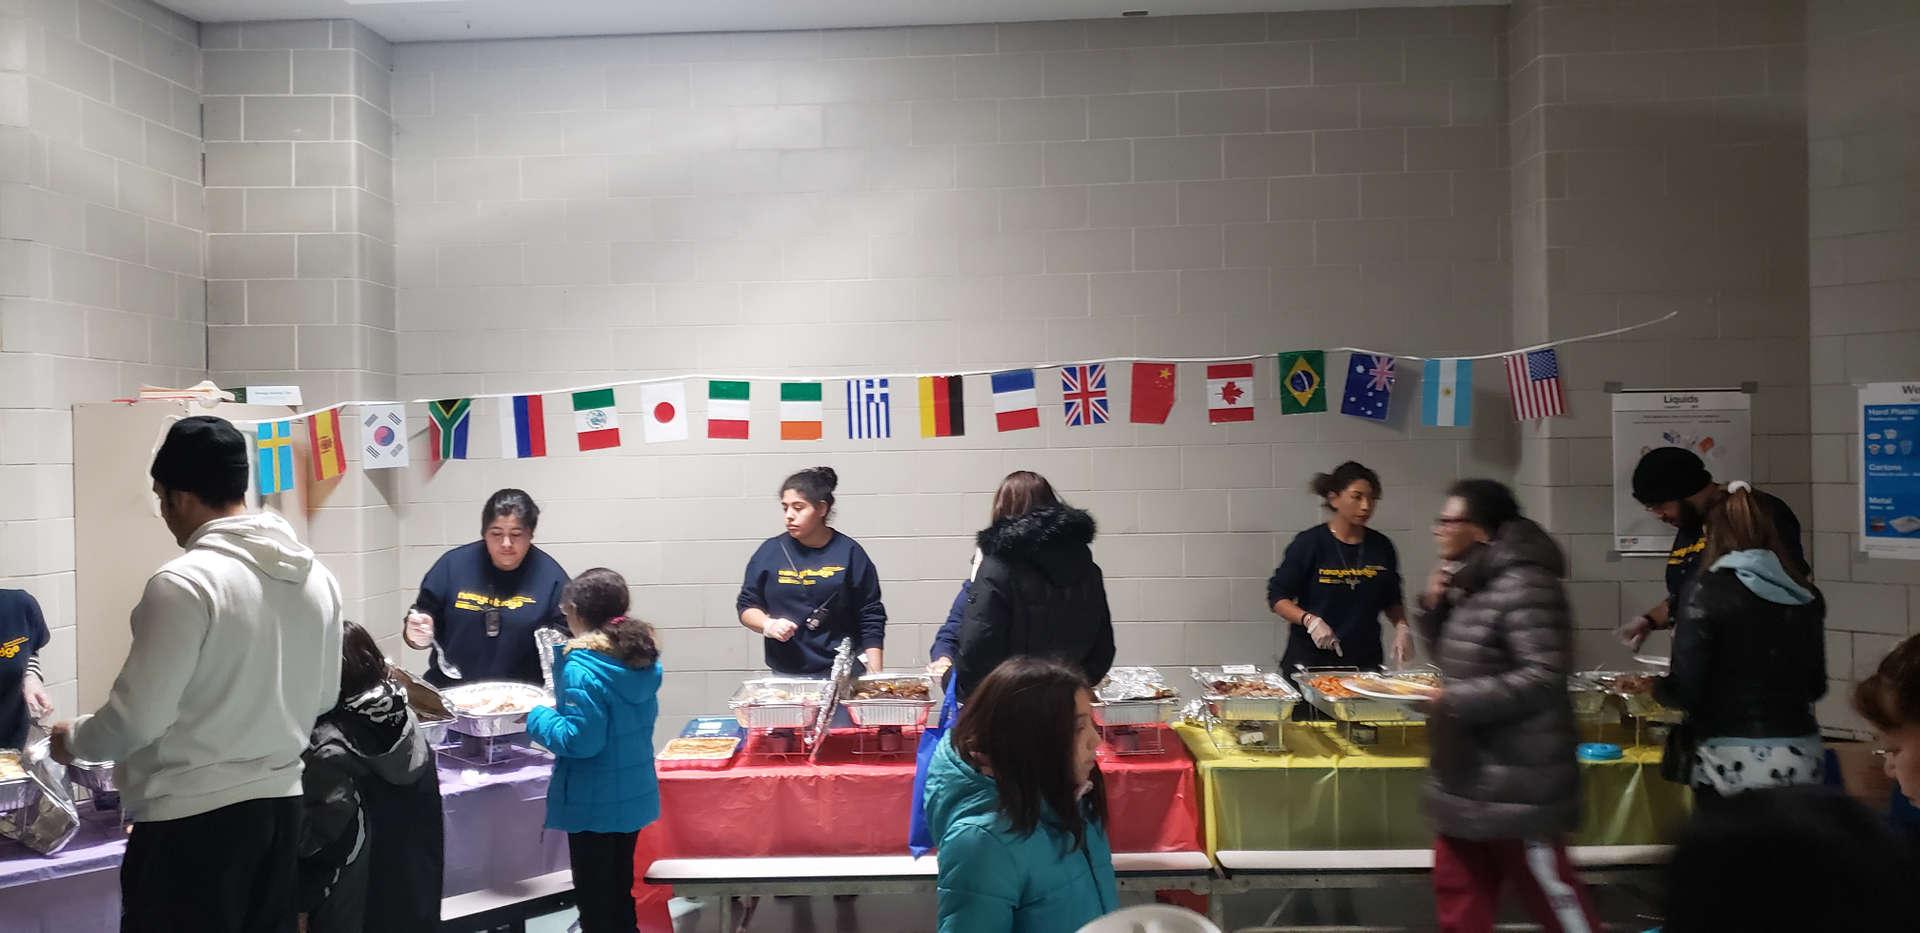 parent association serving international food for visitiors